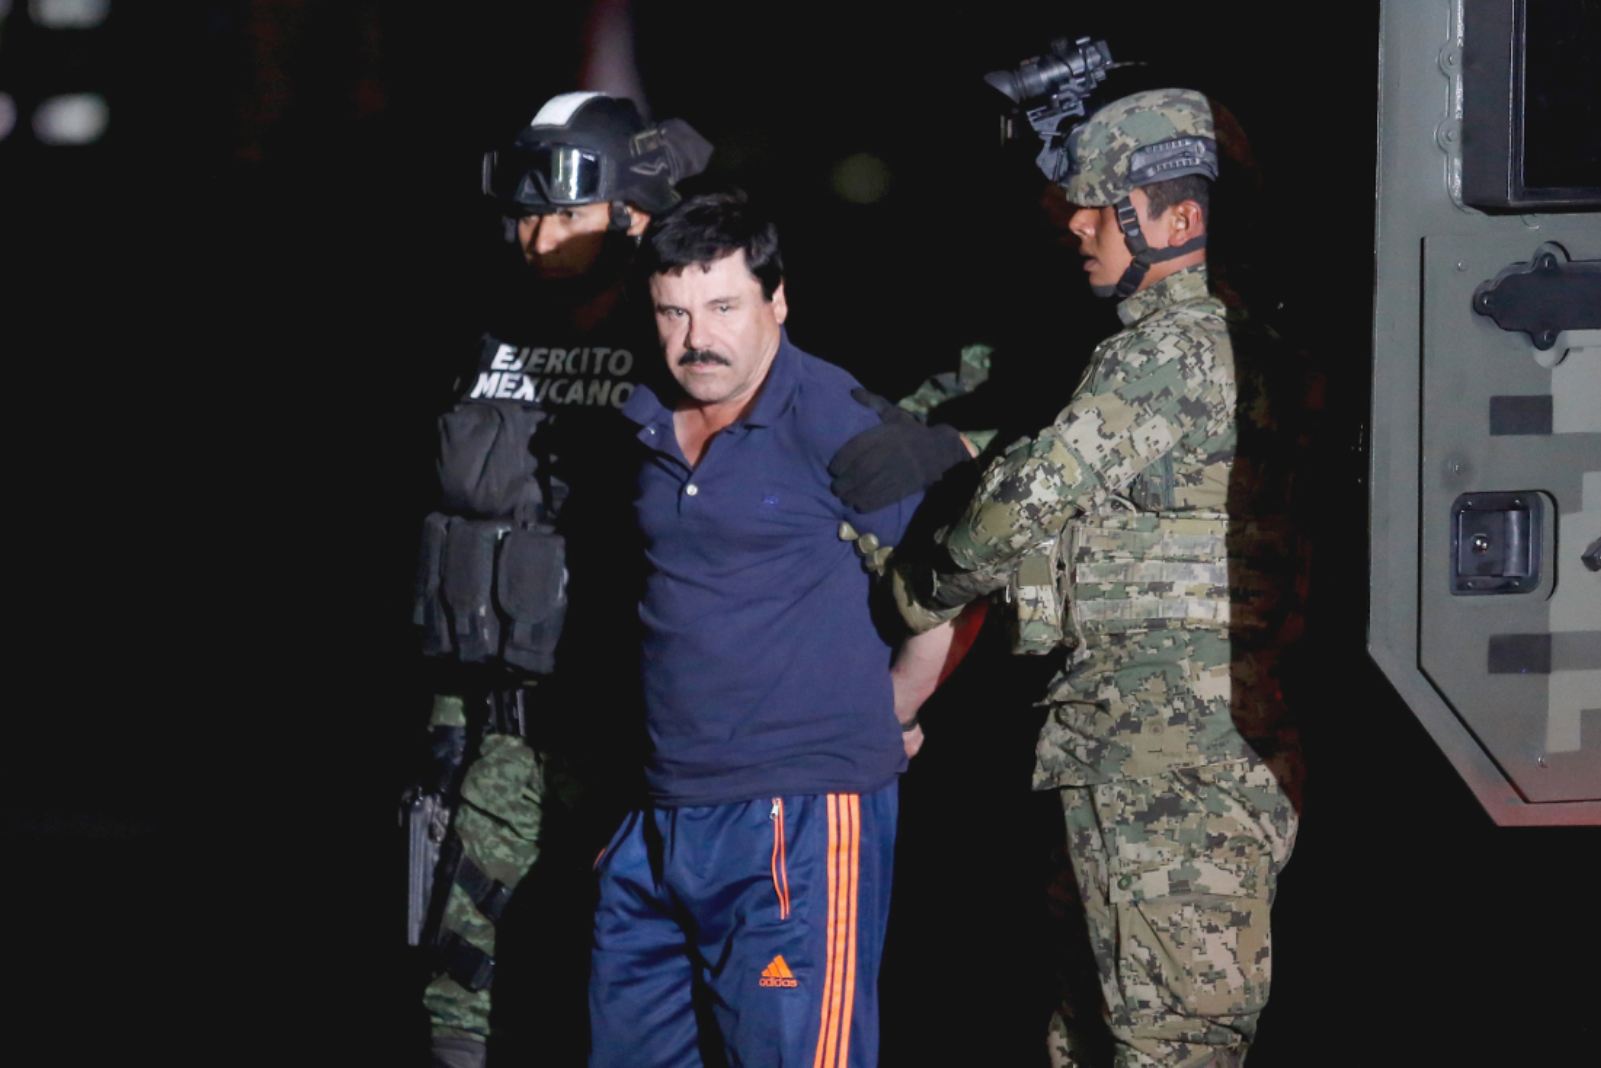 Trial of El Chapo